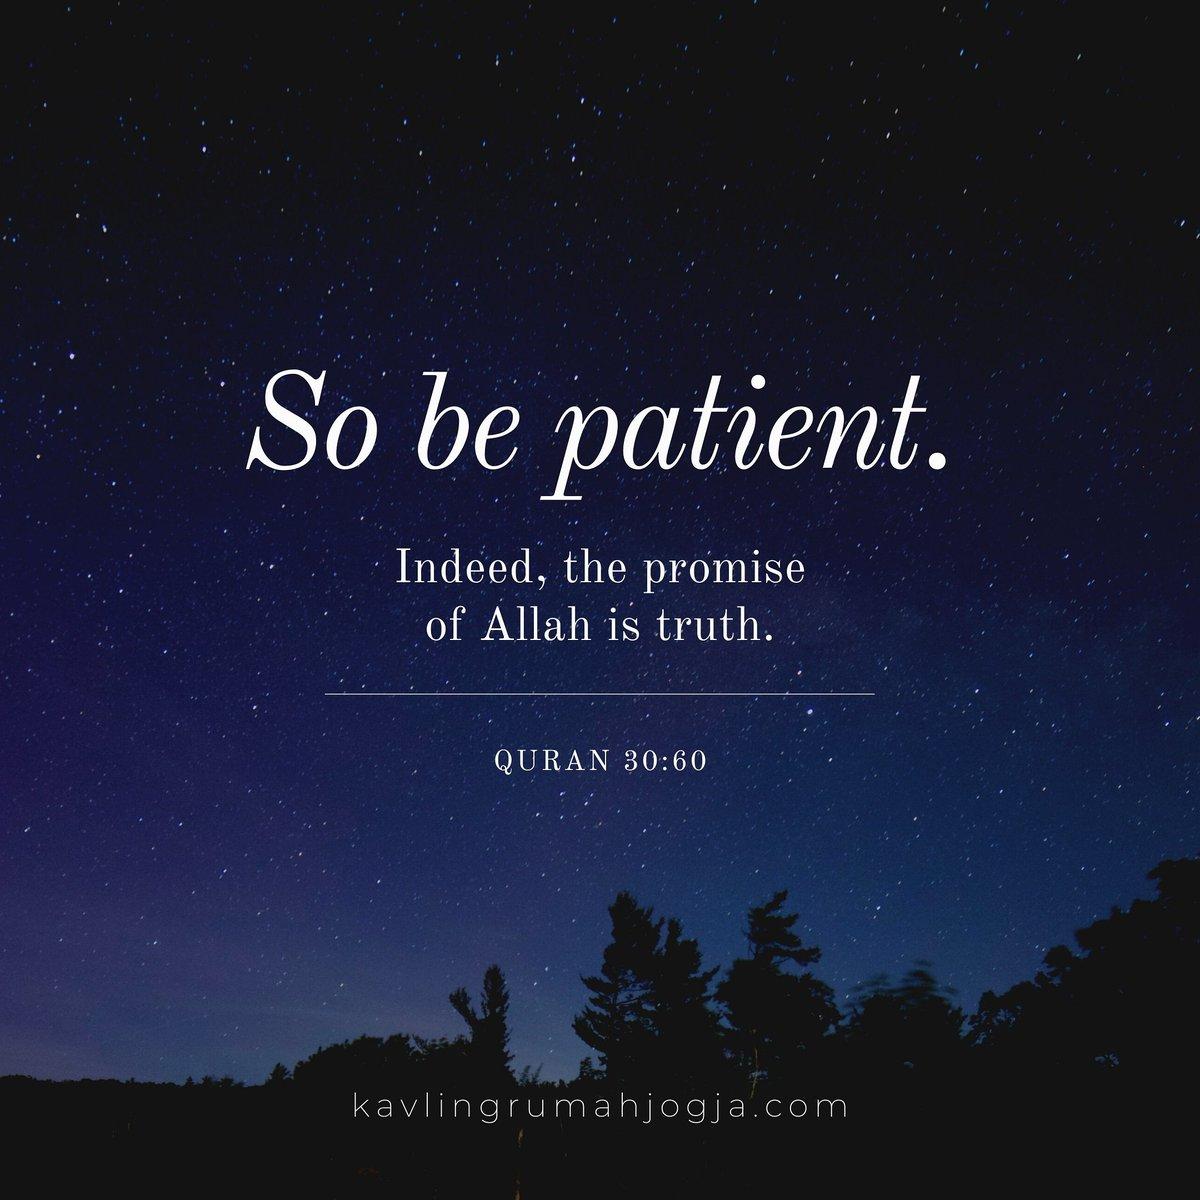 #bepatient https://t.co/yU6sWBh2lt